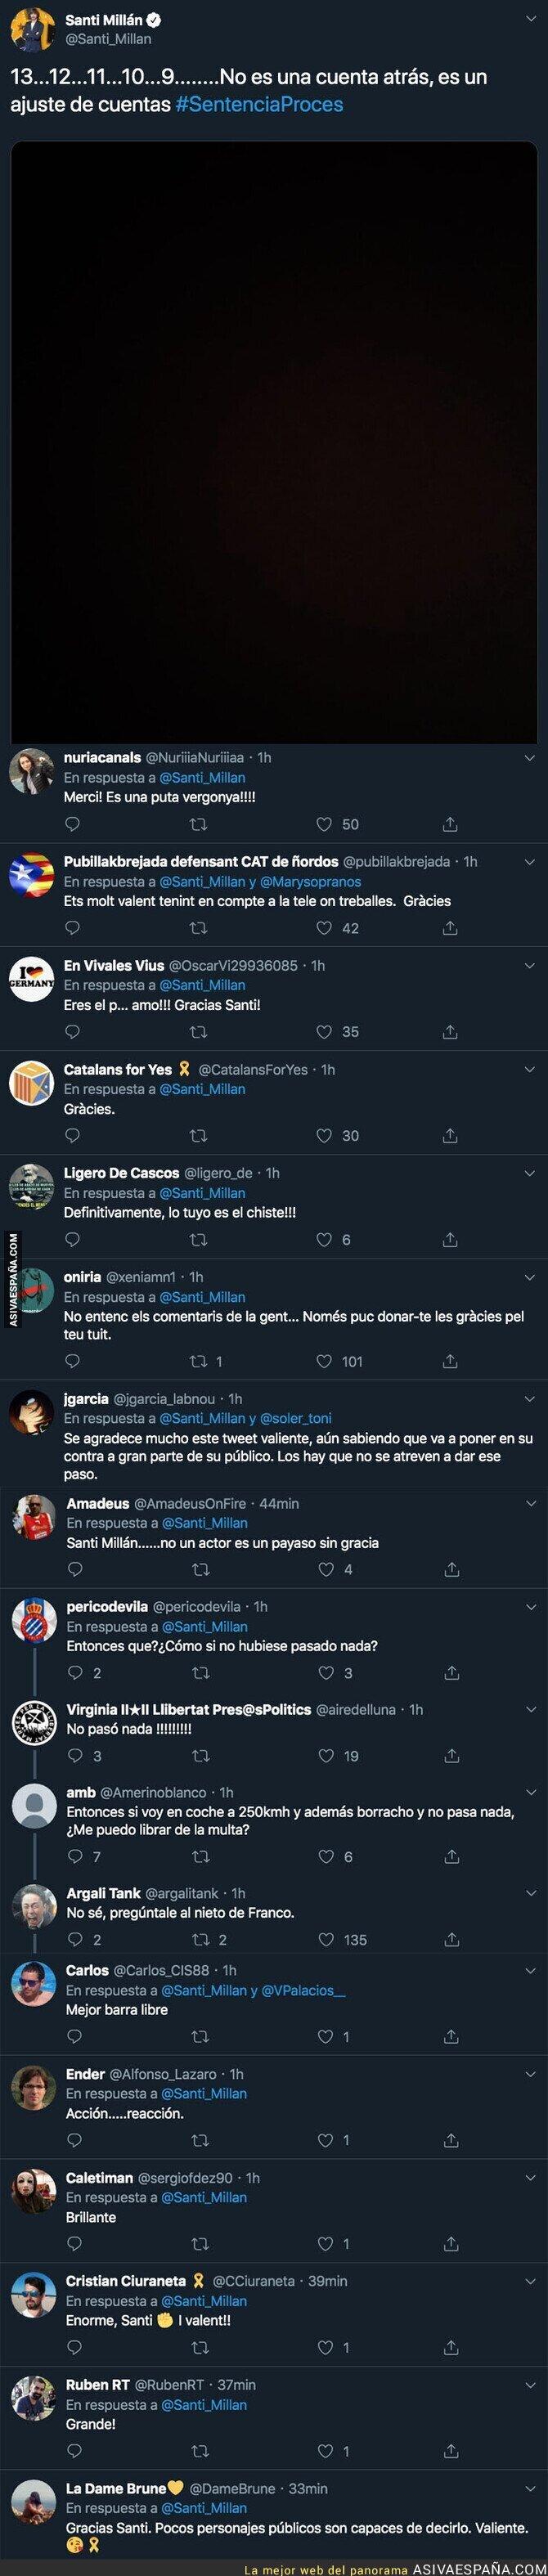 123667 - El valiente mensaje de Santi Millán, presentador de Got Talent en Telecinco, sobre la sentencia del Procés apoyando a los presos políticos